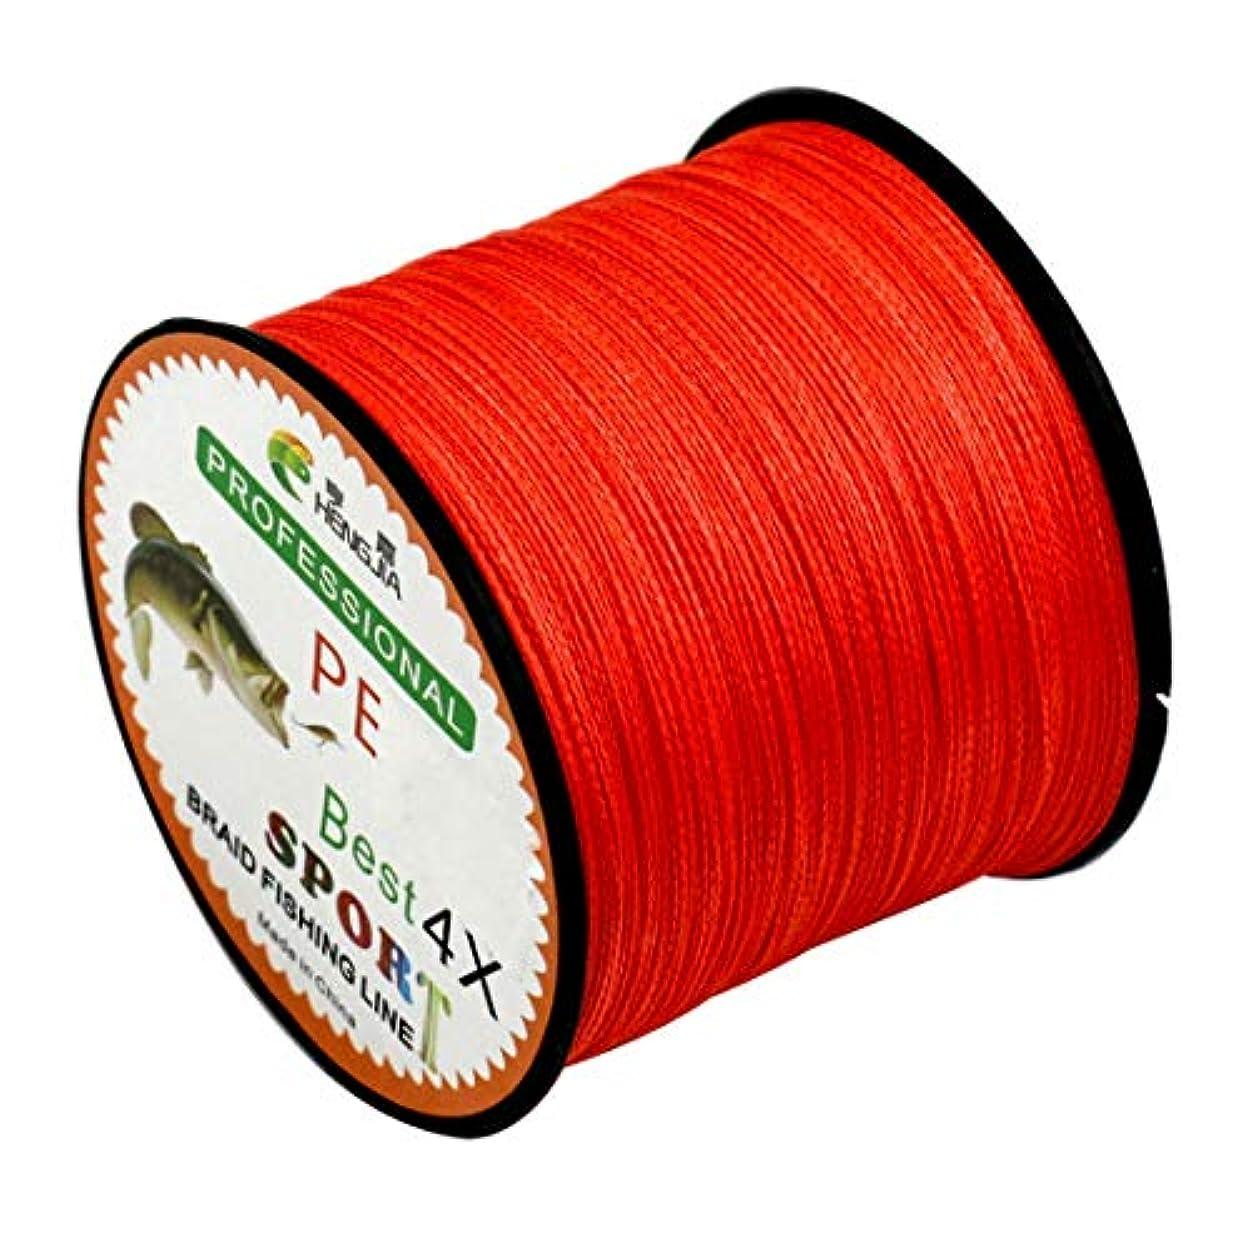 平等全部雨のWTYD アウトドア釣り用品 1.5#0.20mm 22LB 9kg張力500m超強力4紐編組PEフィッシングラインカイトライン アウトドアに使う (色 : Red)